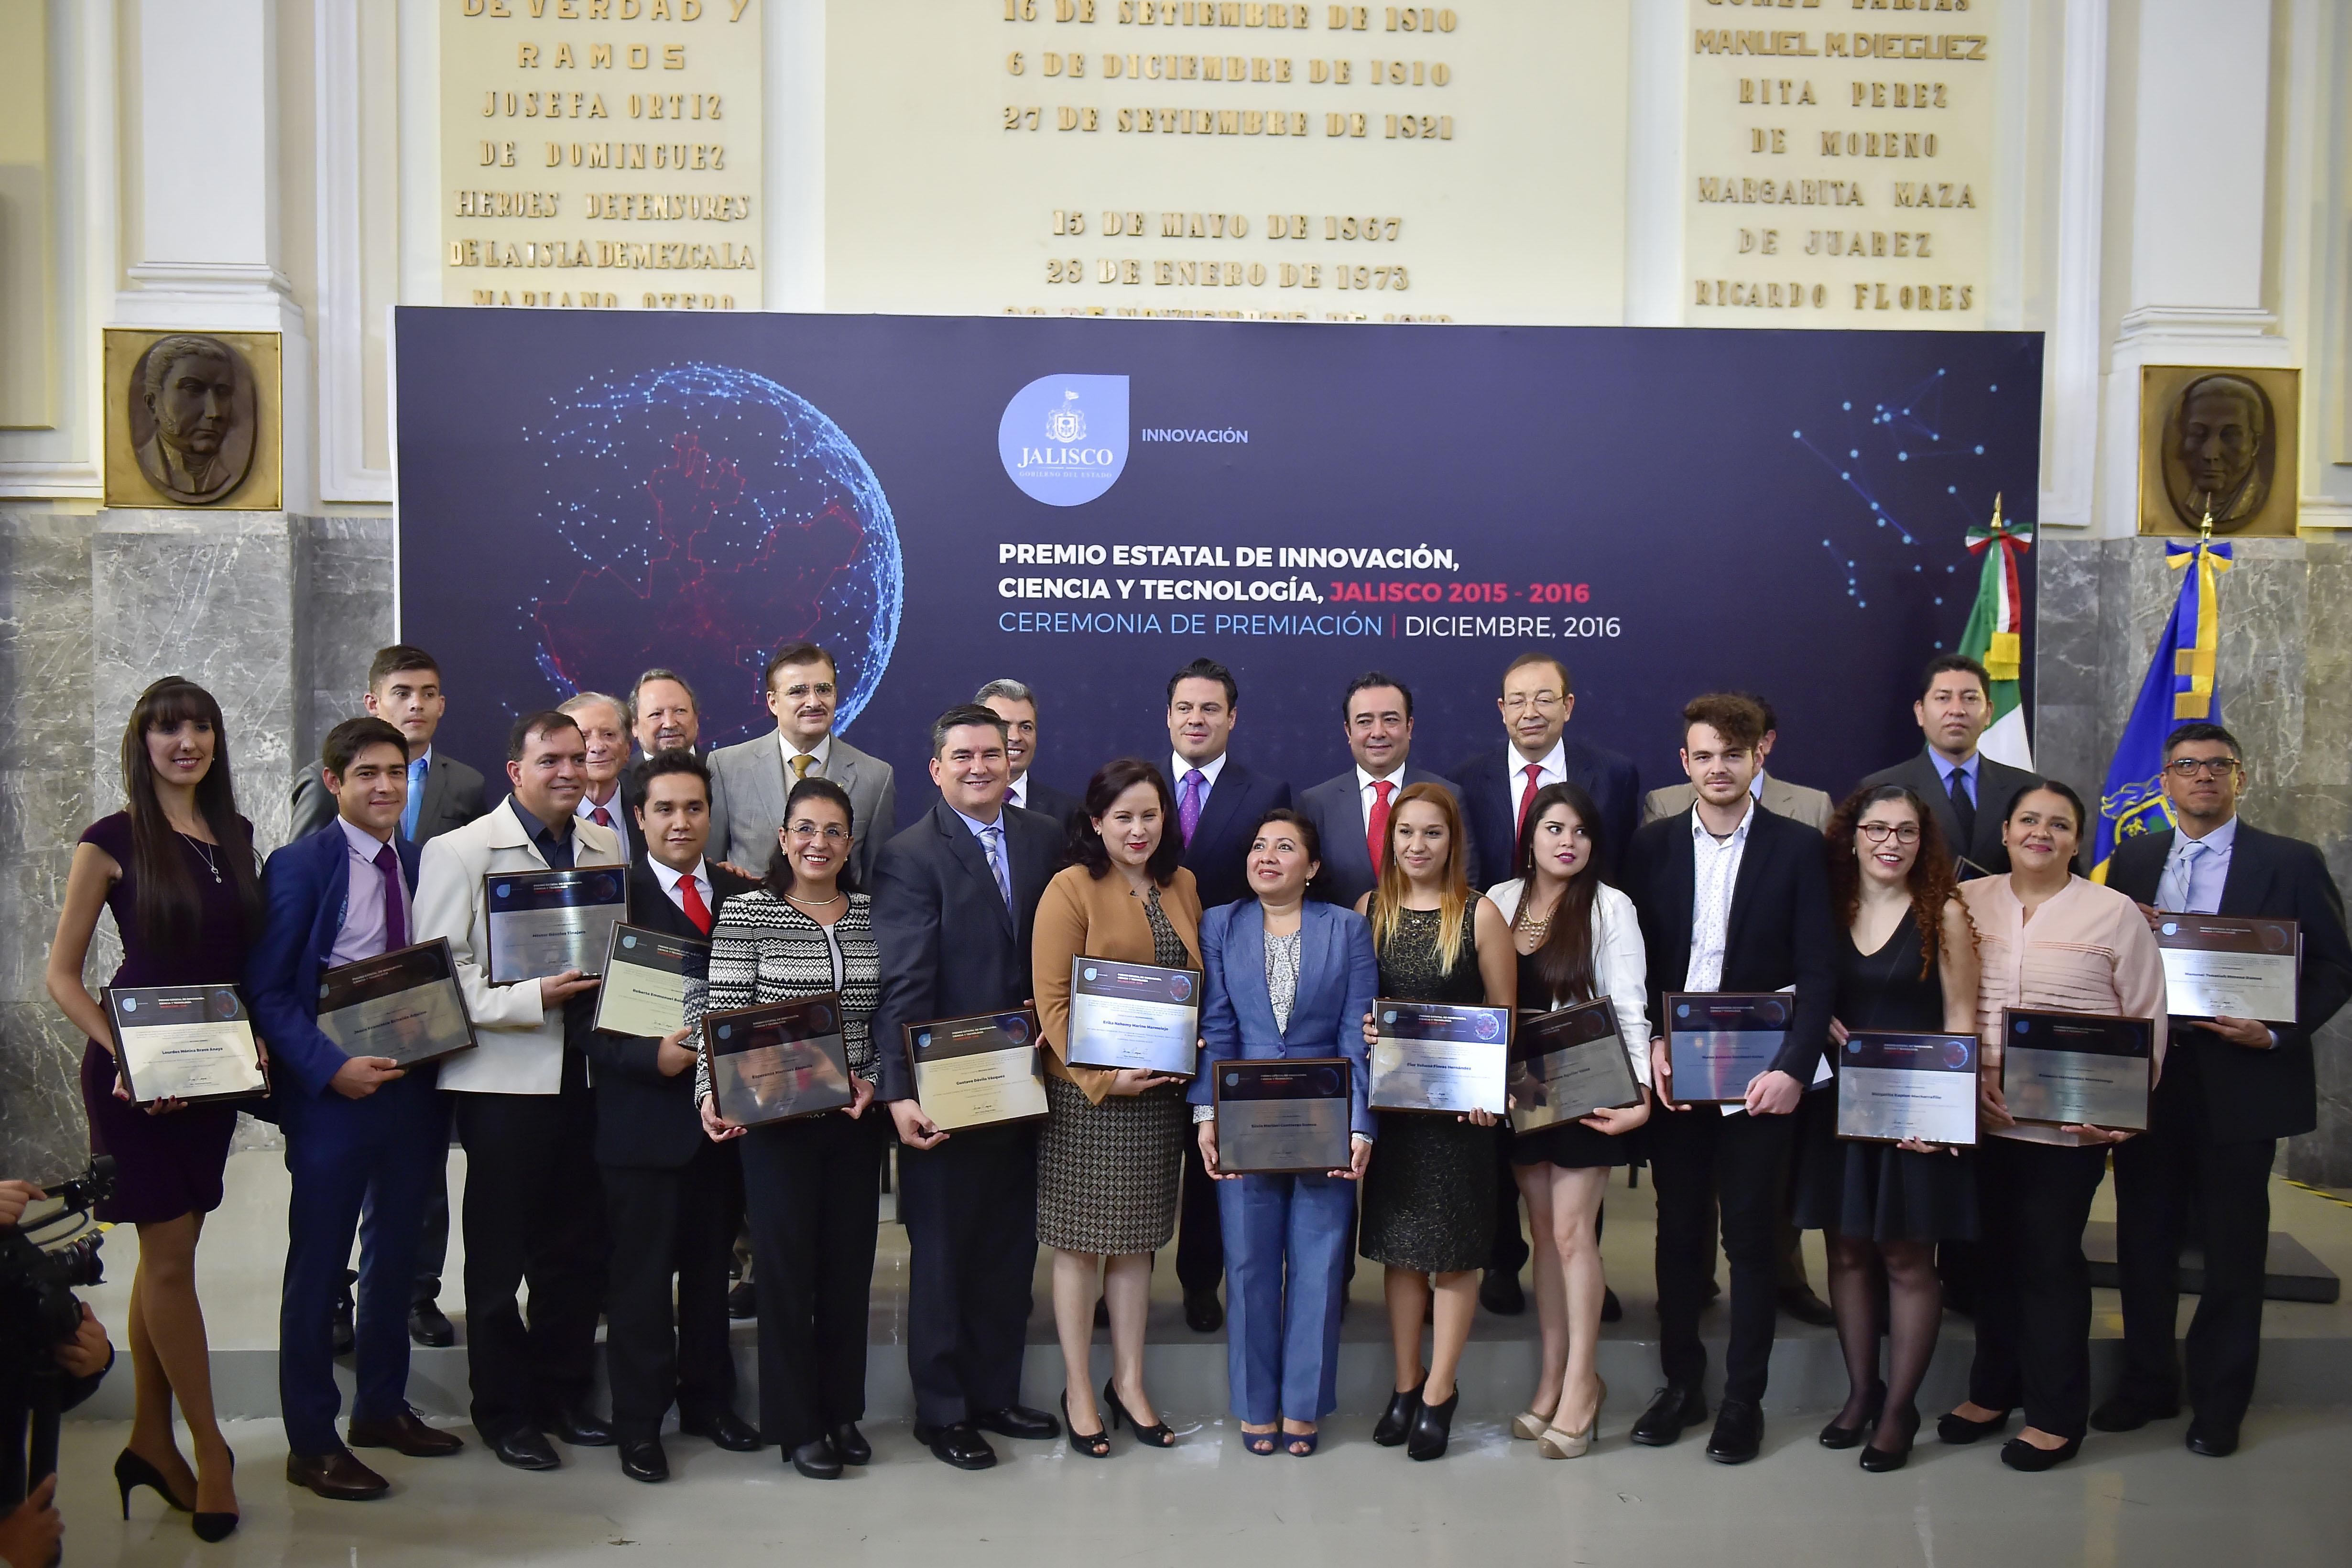 Miembros de la Universidad de Guadalajara (UdeG) que fueron reconocidos por el gobierno de Jalisco a través de la Secretaría de Innovación, Ciencia y Tecnología, con el Premio Estatal de Innovación, Ciencia y Tecnología en su edición 2015-2016.